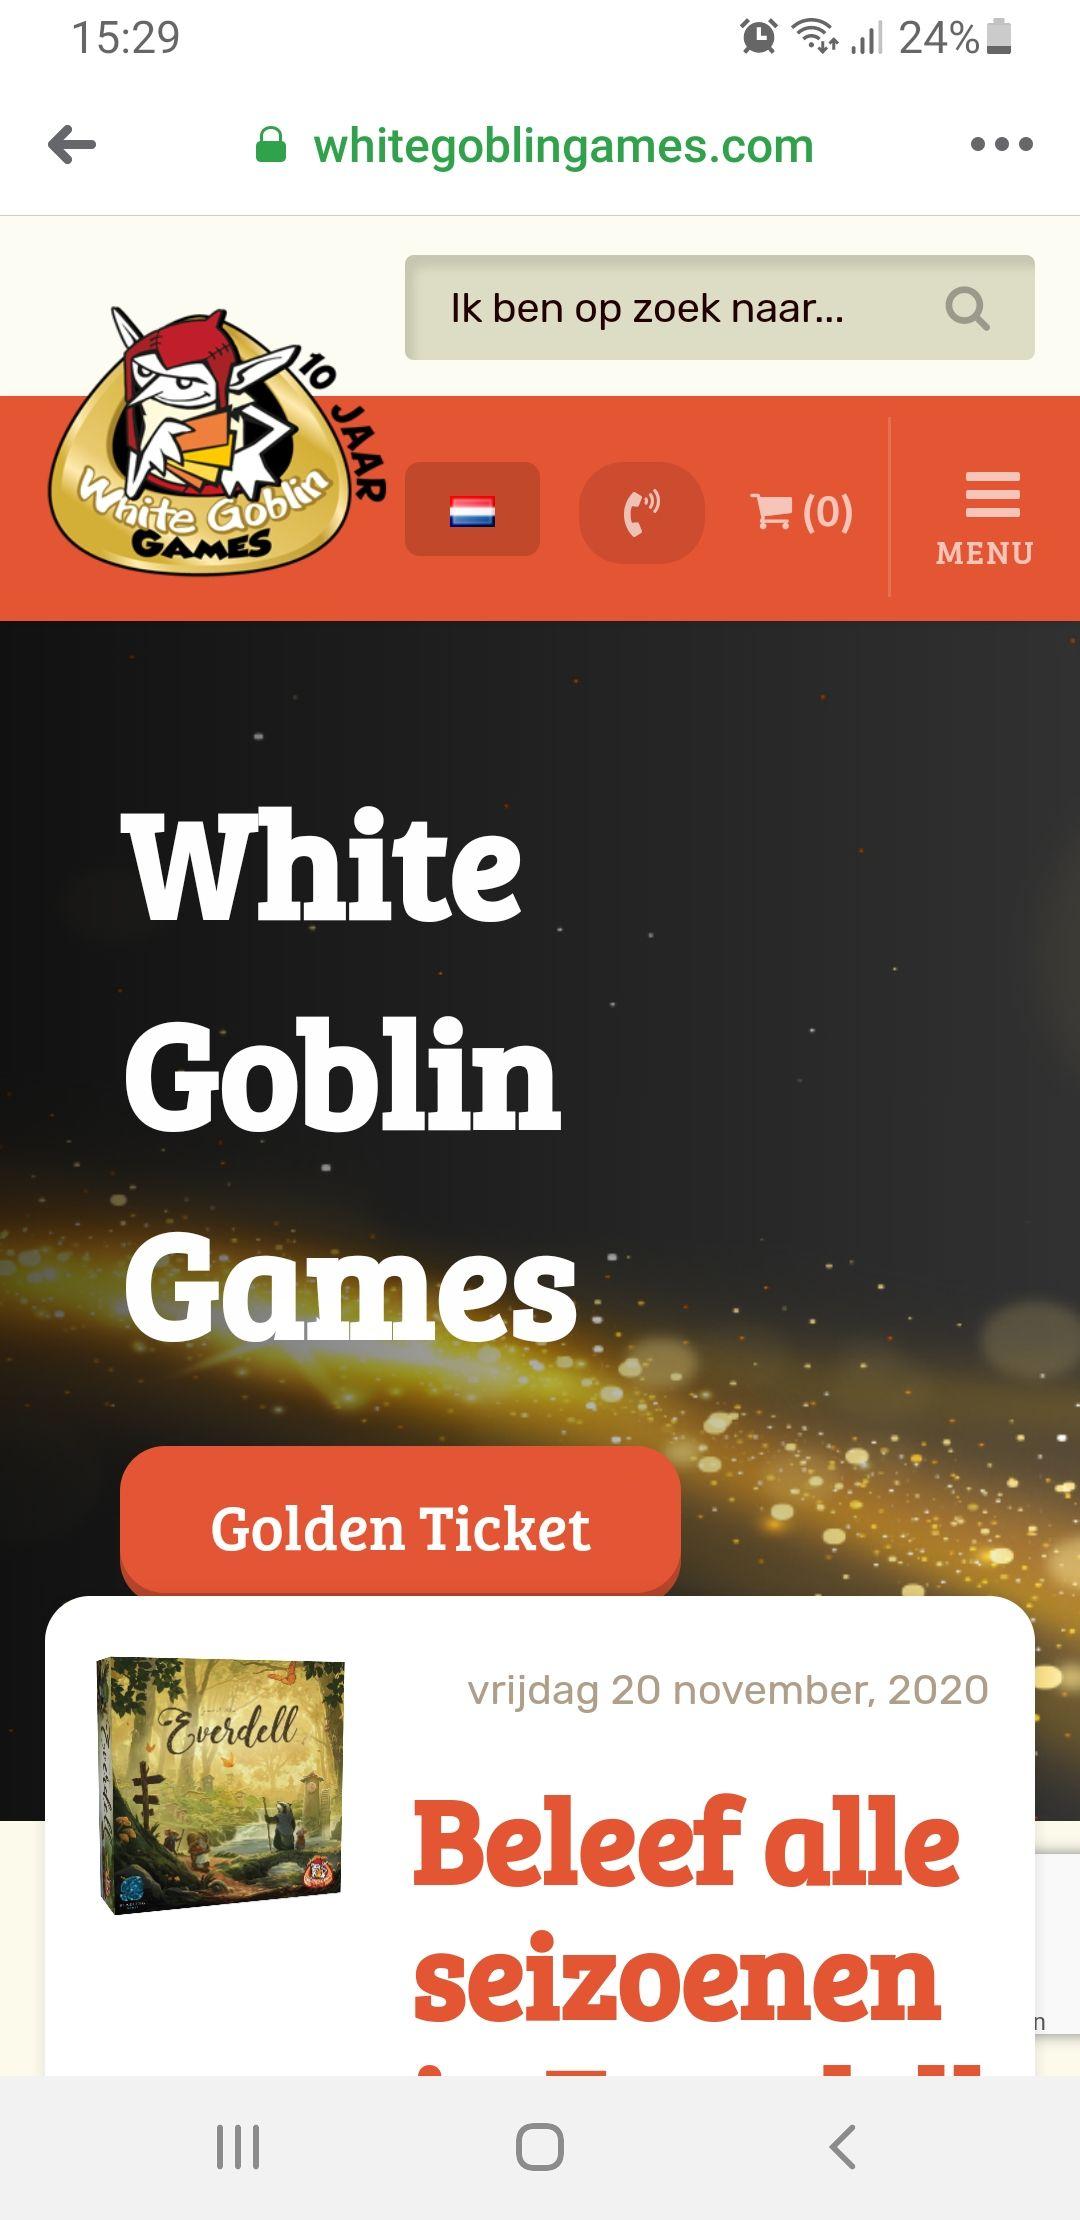 Black Friday bij bordspeluitgever White Goblin Games